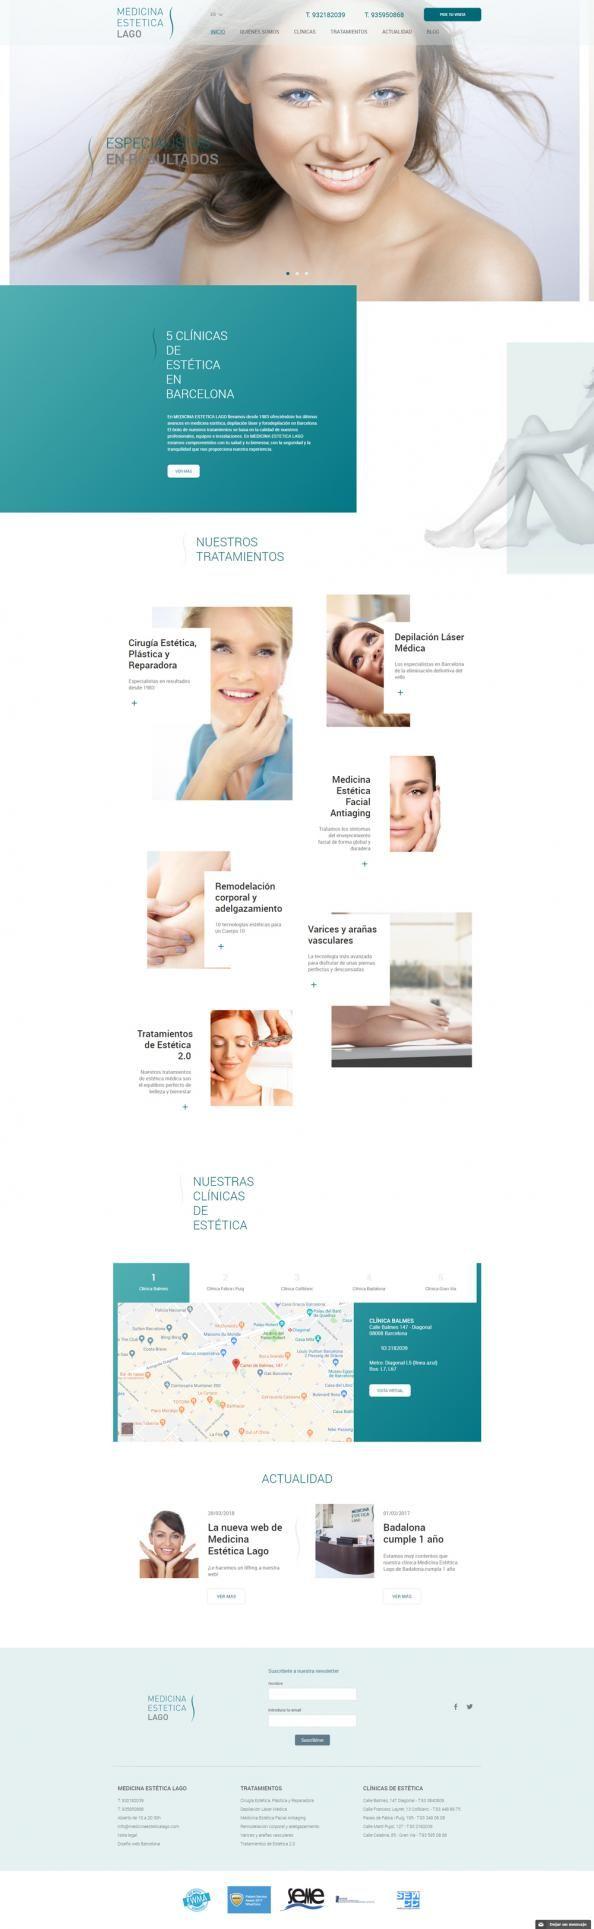 Diseño web y seo para una clínica de estética en Barcelona ...